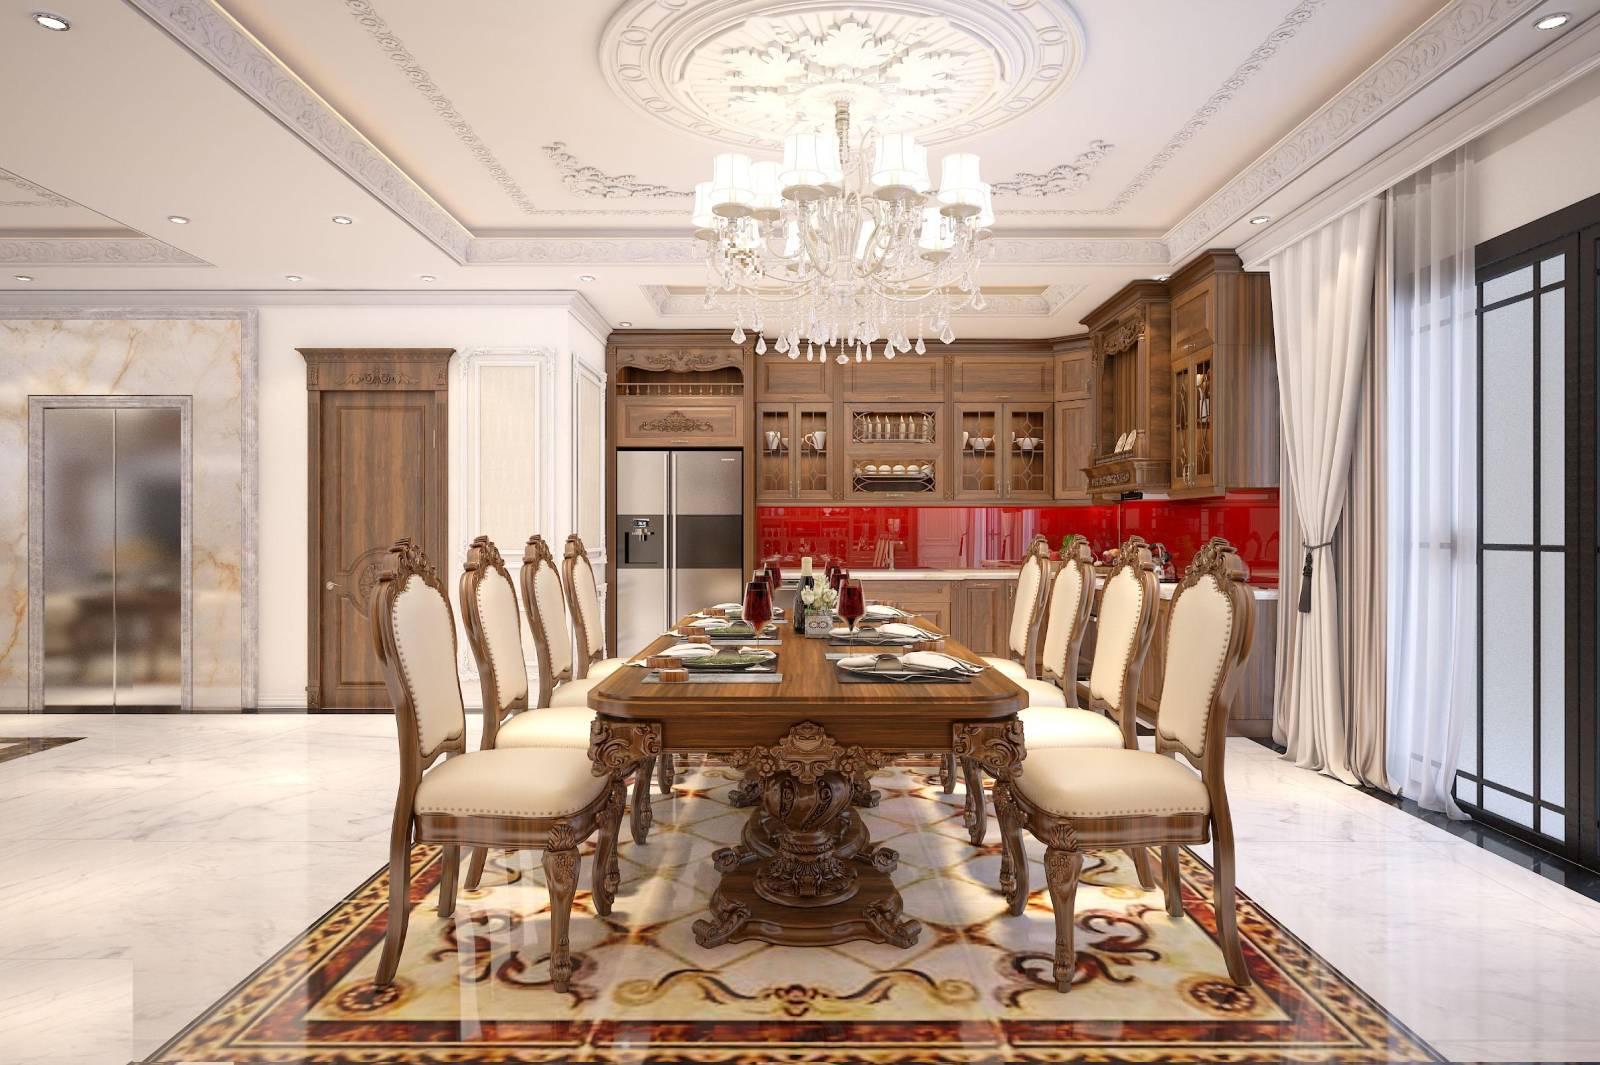 Mẫu tủ bếp gỗ Gõ tân cổ điển sơn nâu nối liền bàn ăn tiện lợi